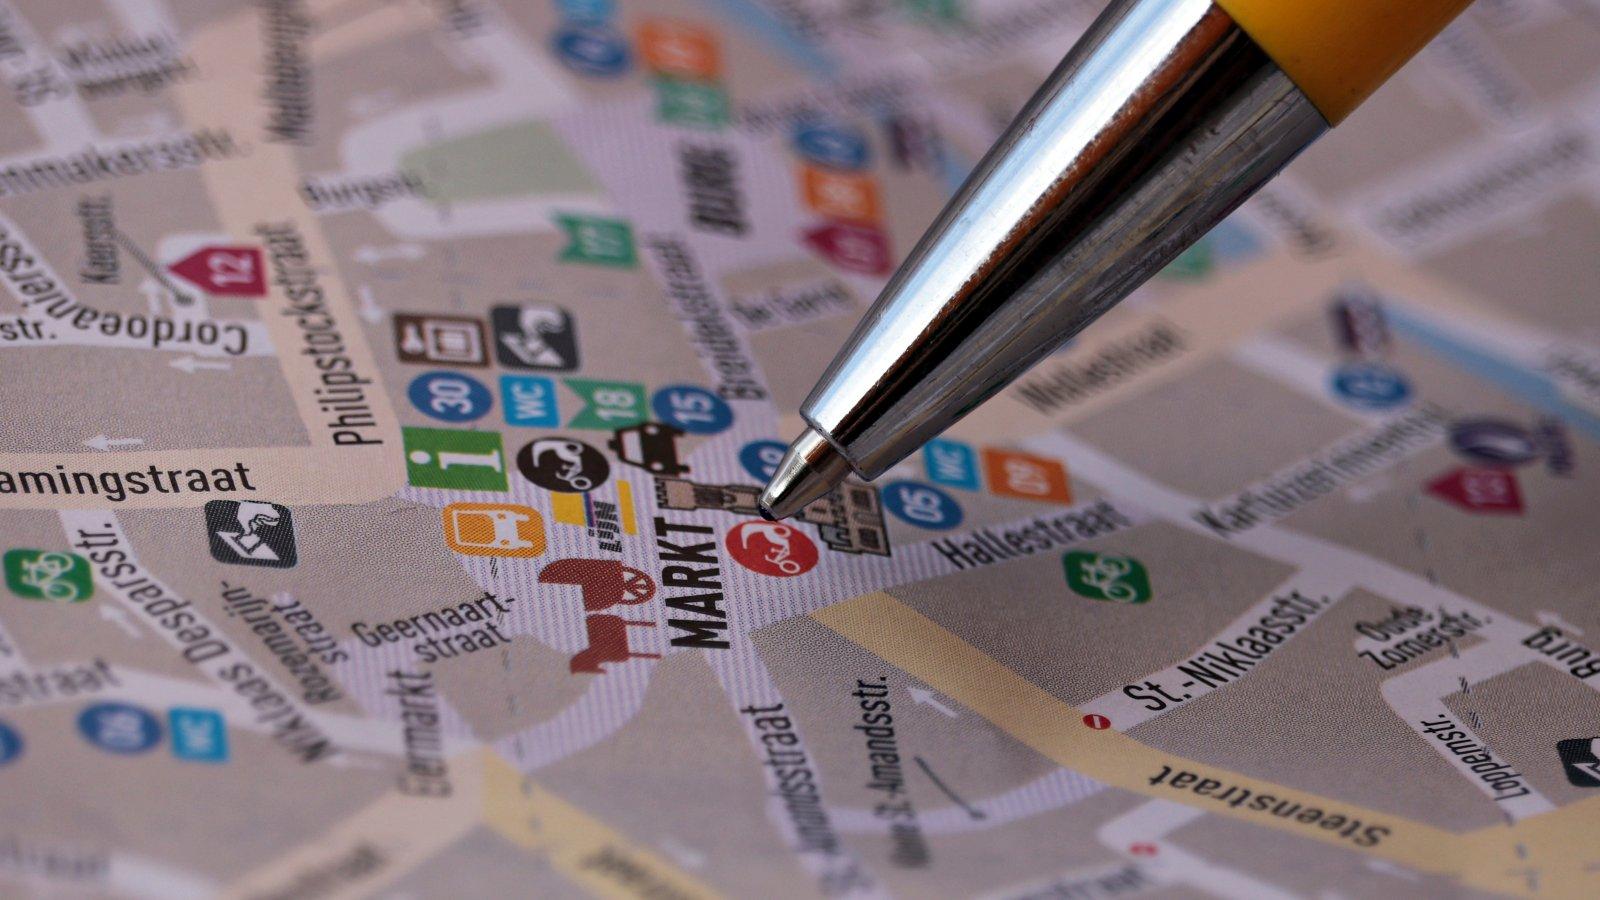 Kugelschreiber zeigt auf Stadtkarte, Brügge, Smart City, United Smart Cities, Triple-A AG